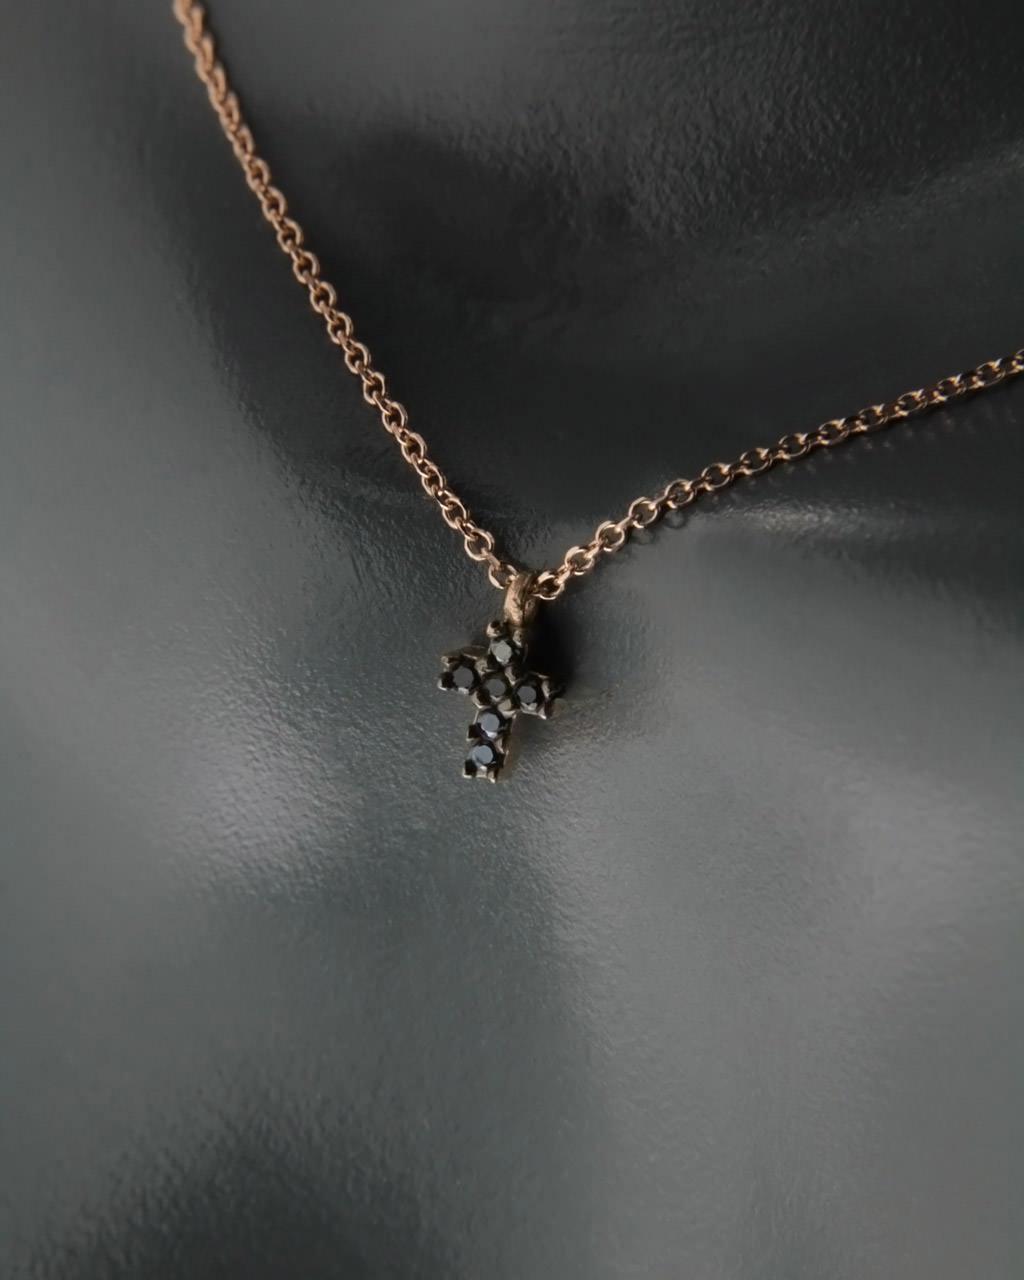 Κολιέ σταυρουδάκι ροζ χρυσό Κ14 με Ζιργκόν   γυναικα κρεμαστά κολιέ κρεμαστά κολιέ ροζ χρυσό